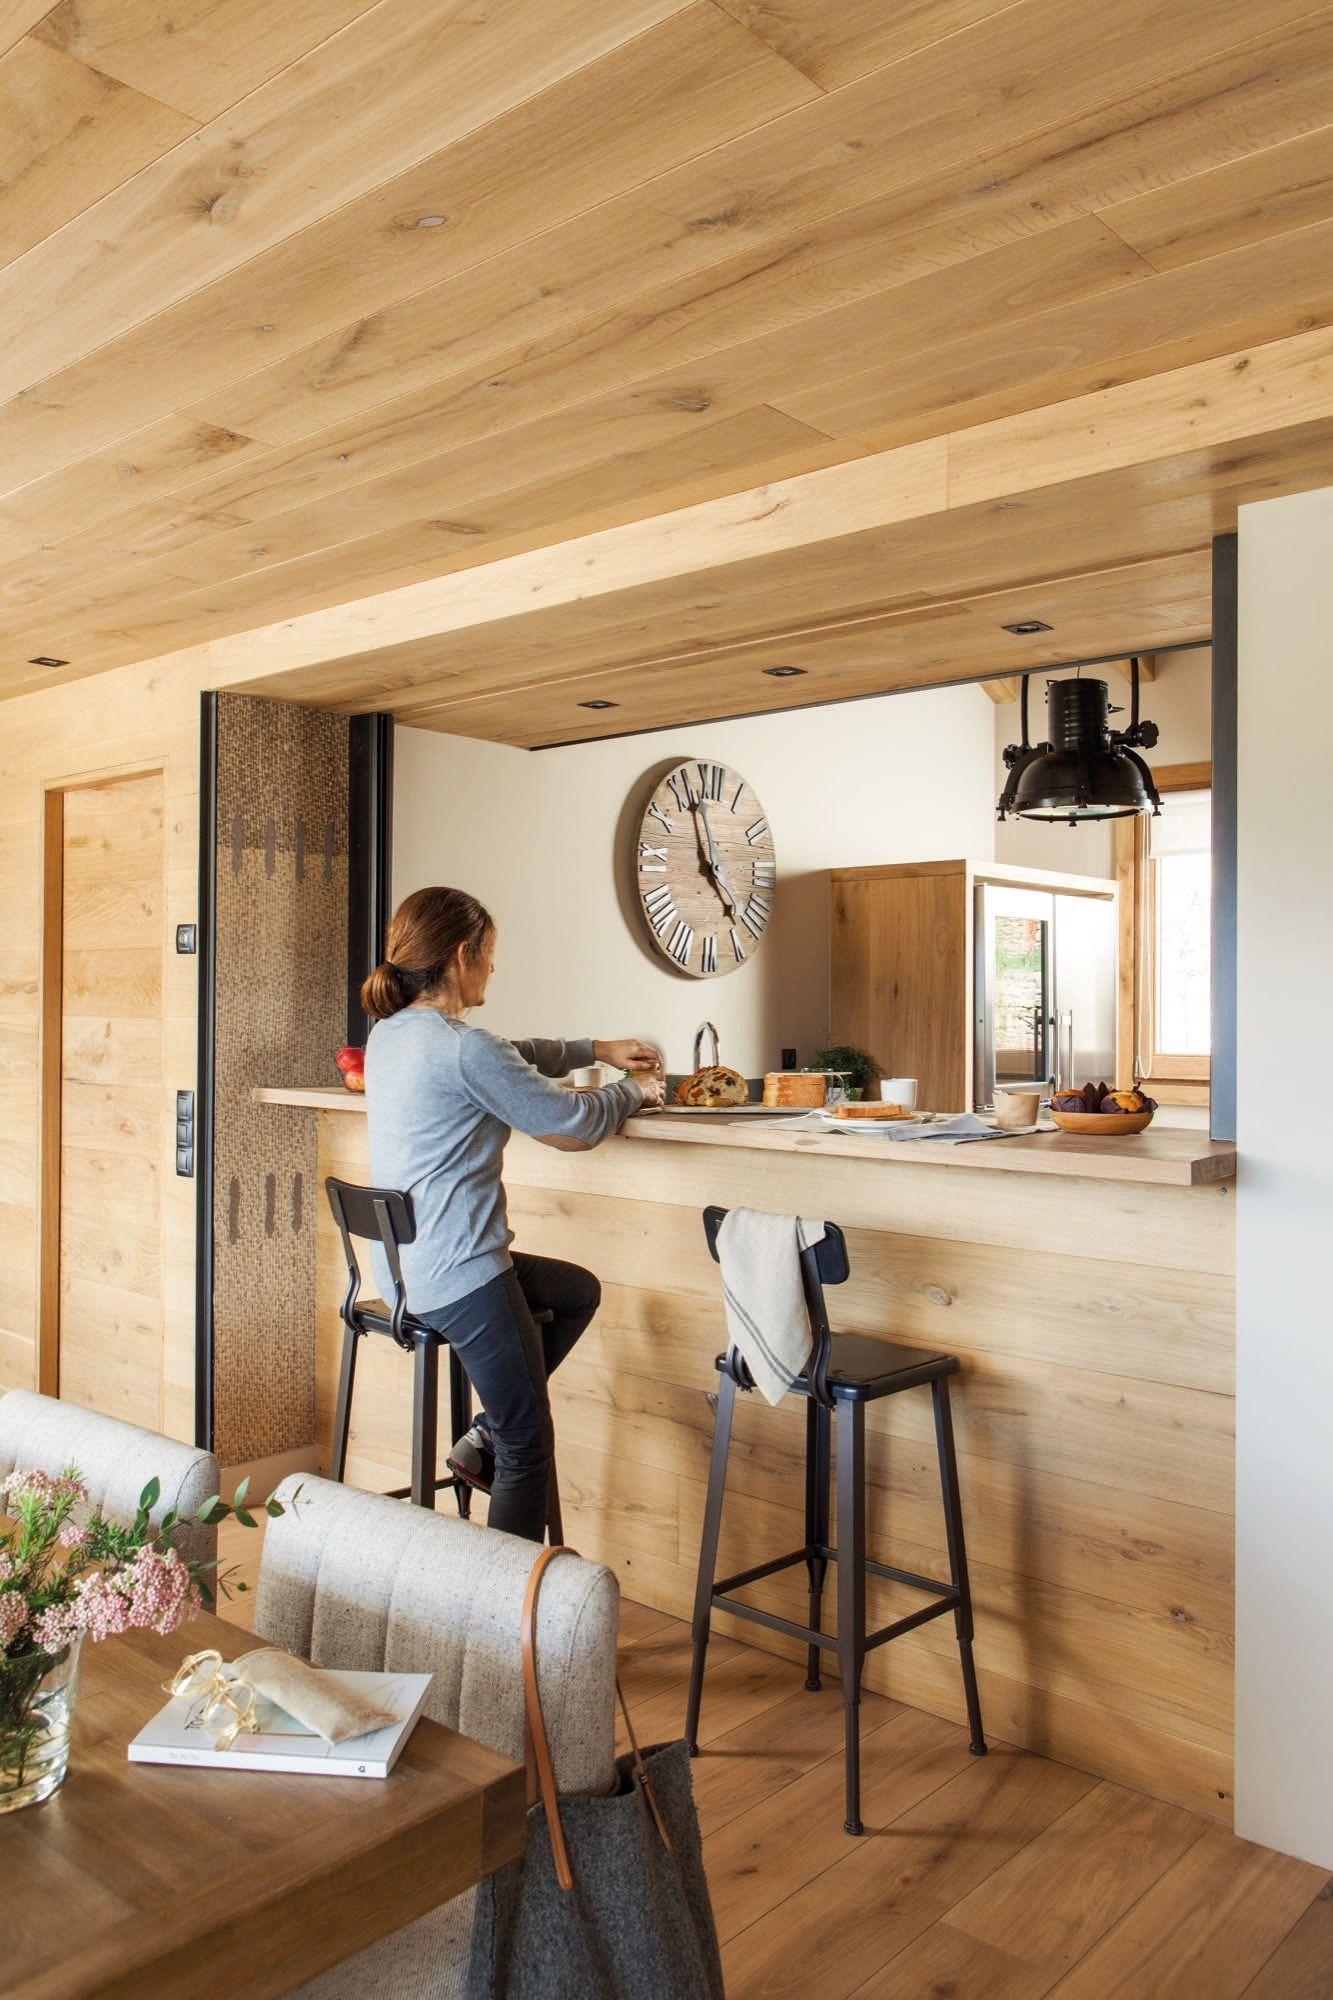 MG 8511. cocina en madera en una casa rustica | Cocina | Pinterest ...